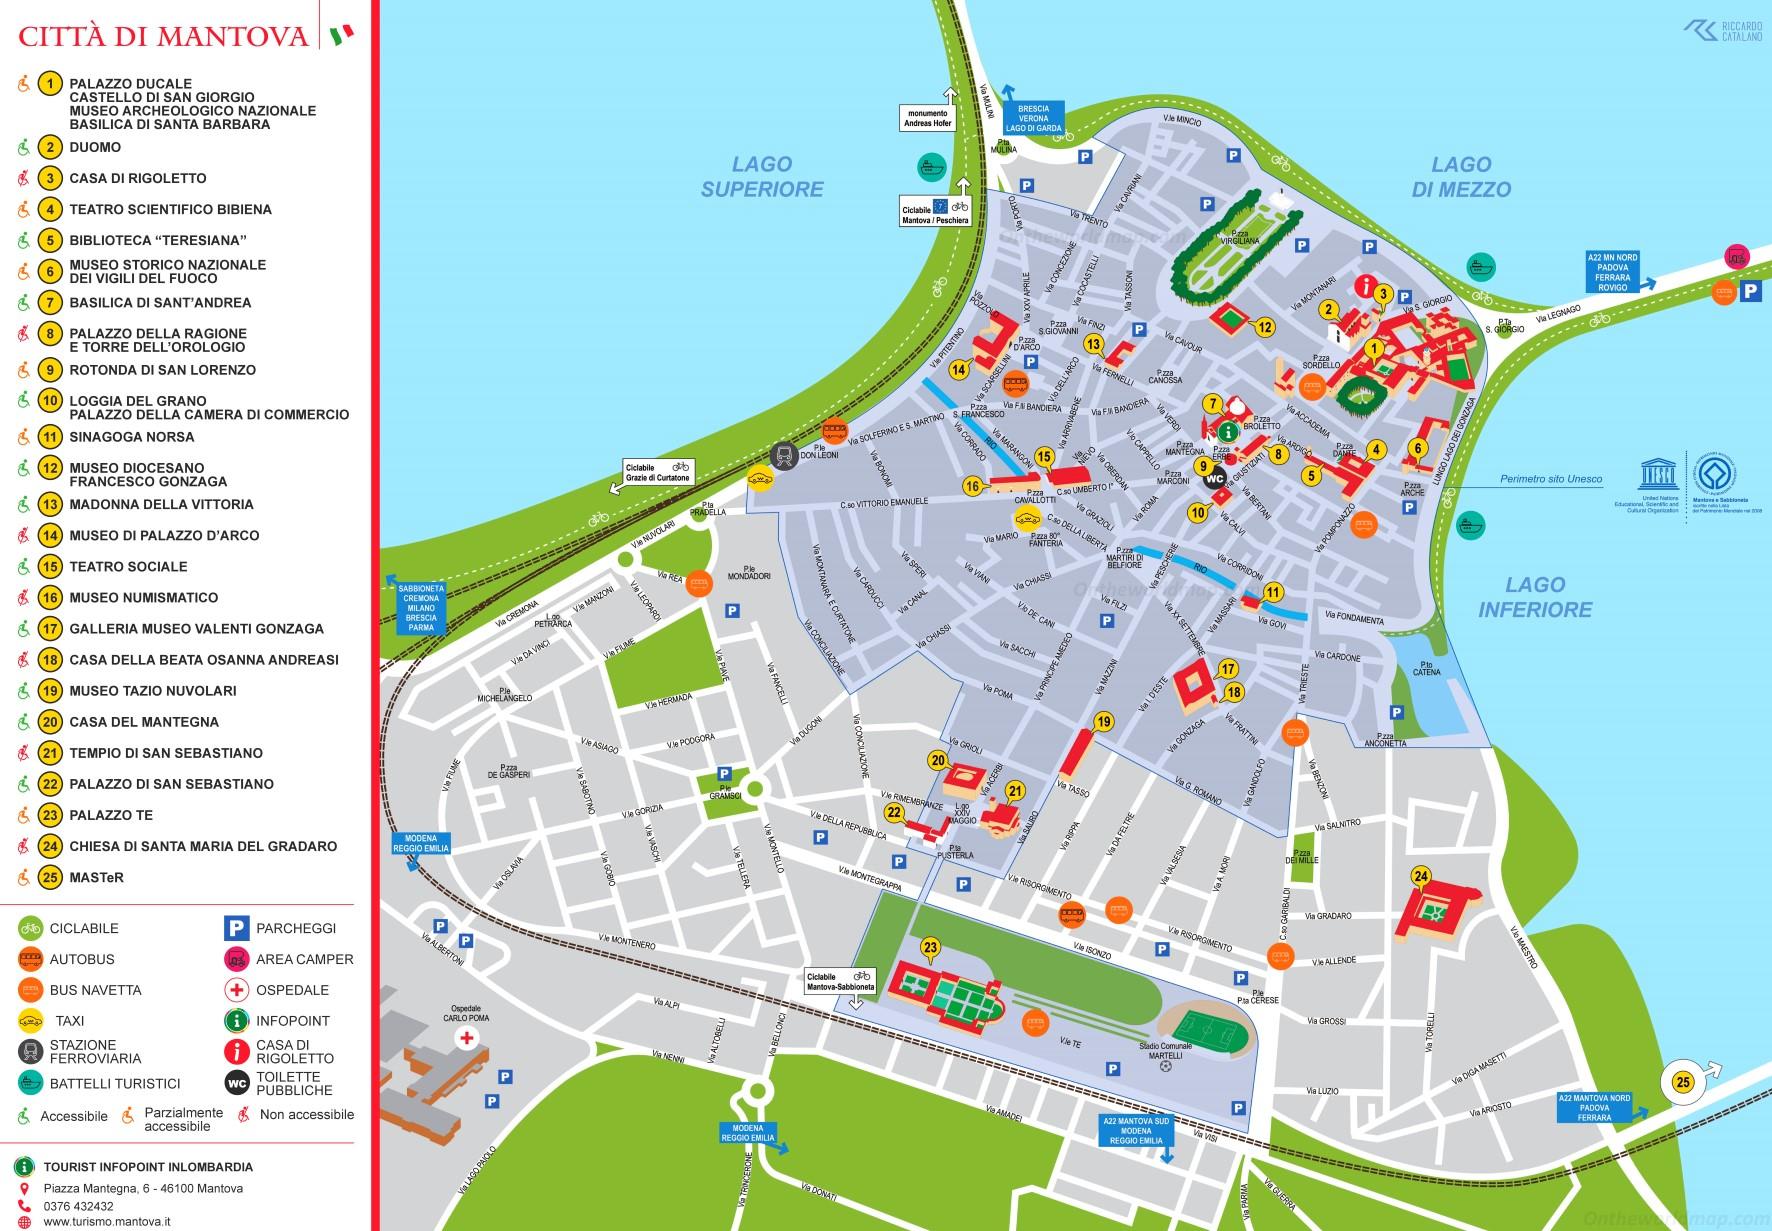 Cartina Mappa Turistica Dubai.Mantova Mappa Turistica